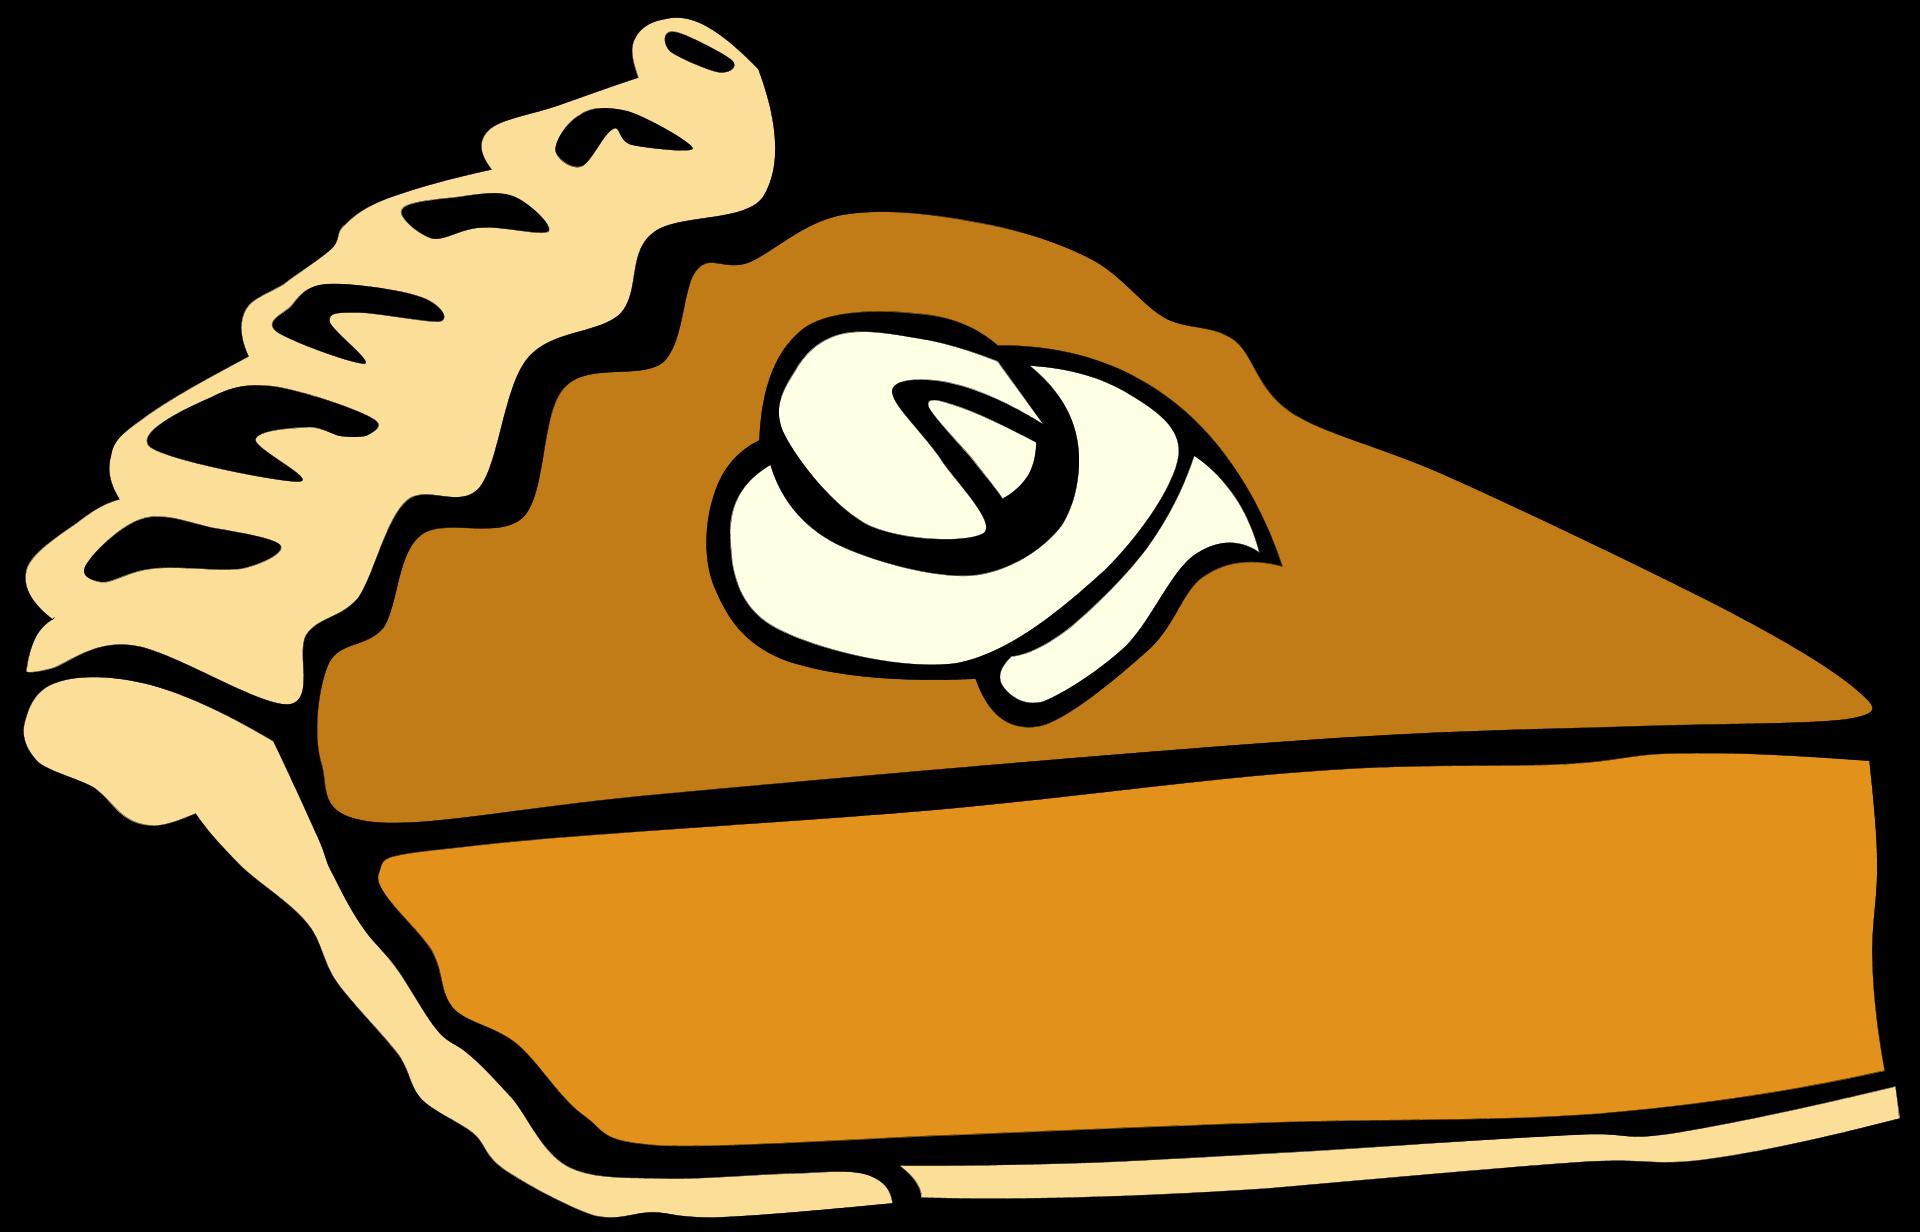 Dessert Clip Art - ClipArt Best